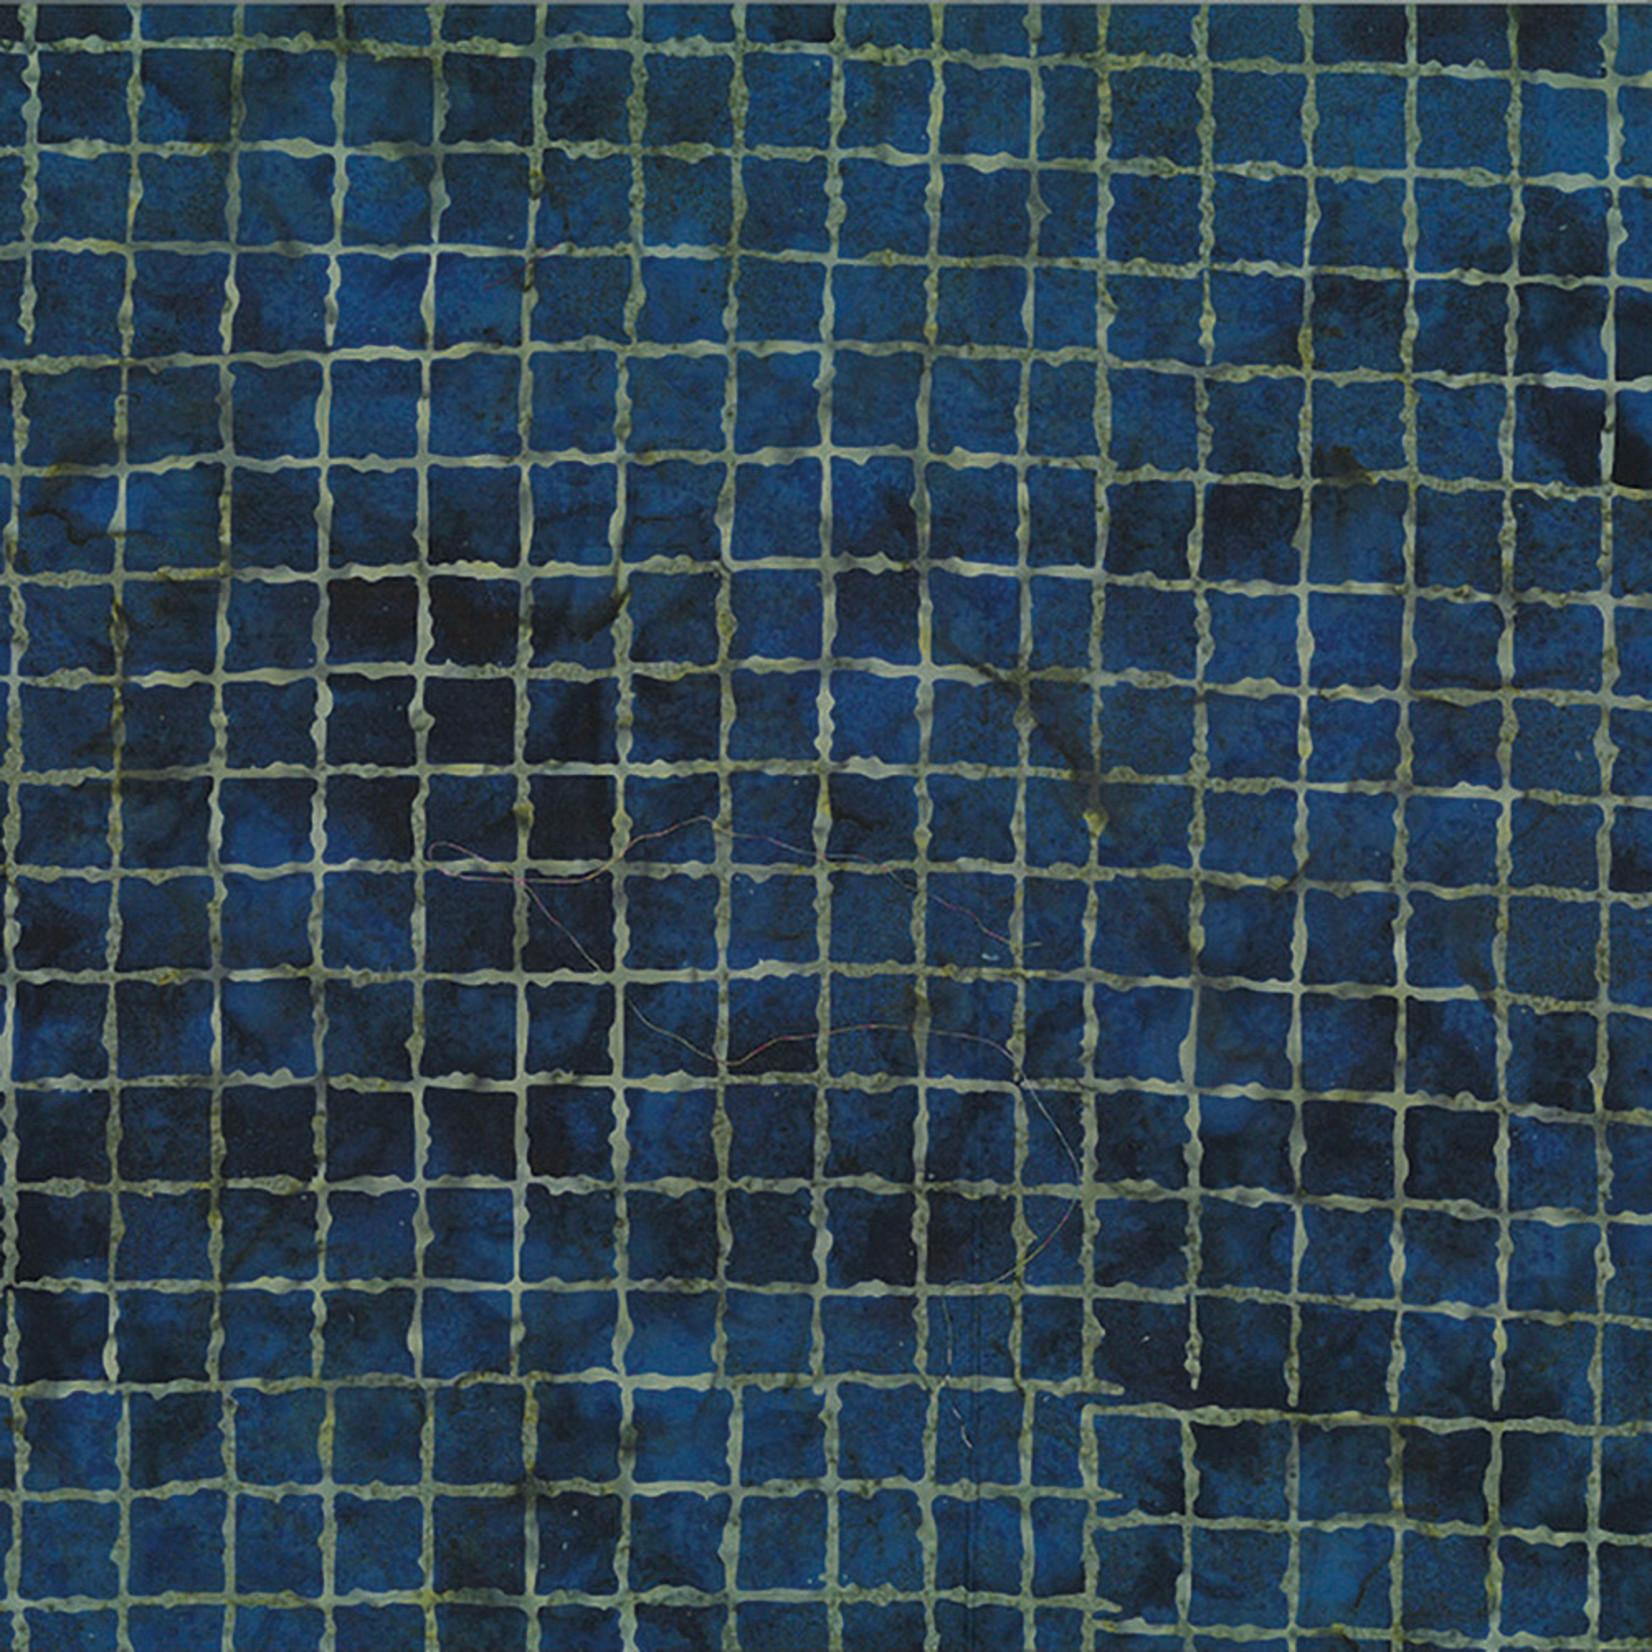 Hoffman Fabrics Bali Batik Grid 2195 - 458 Trellis